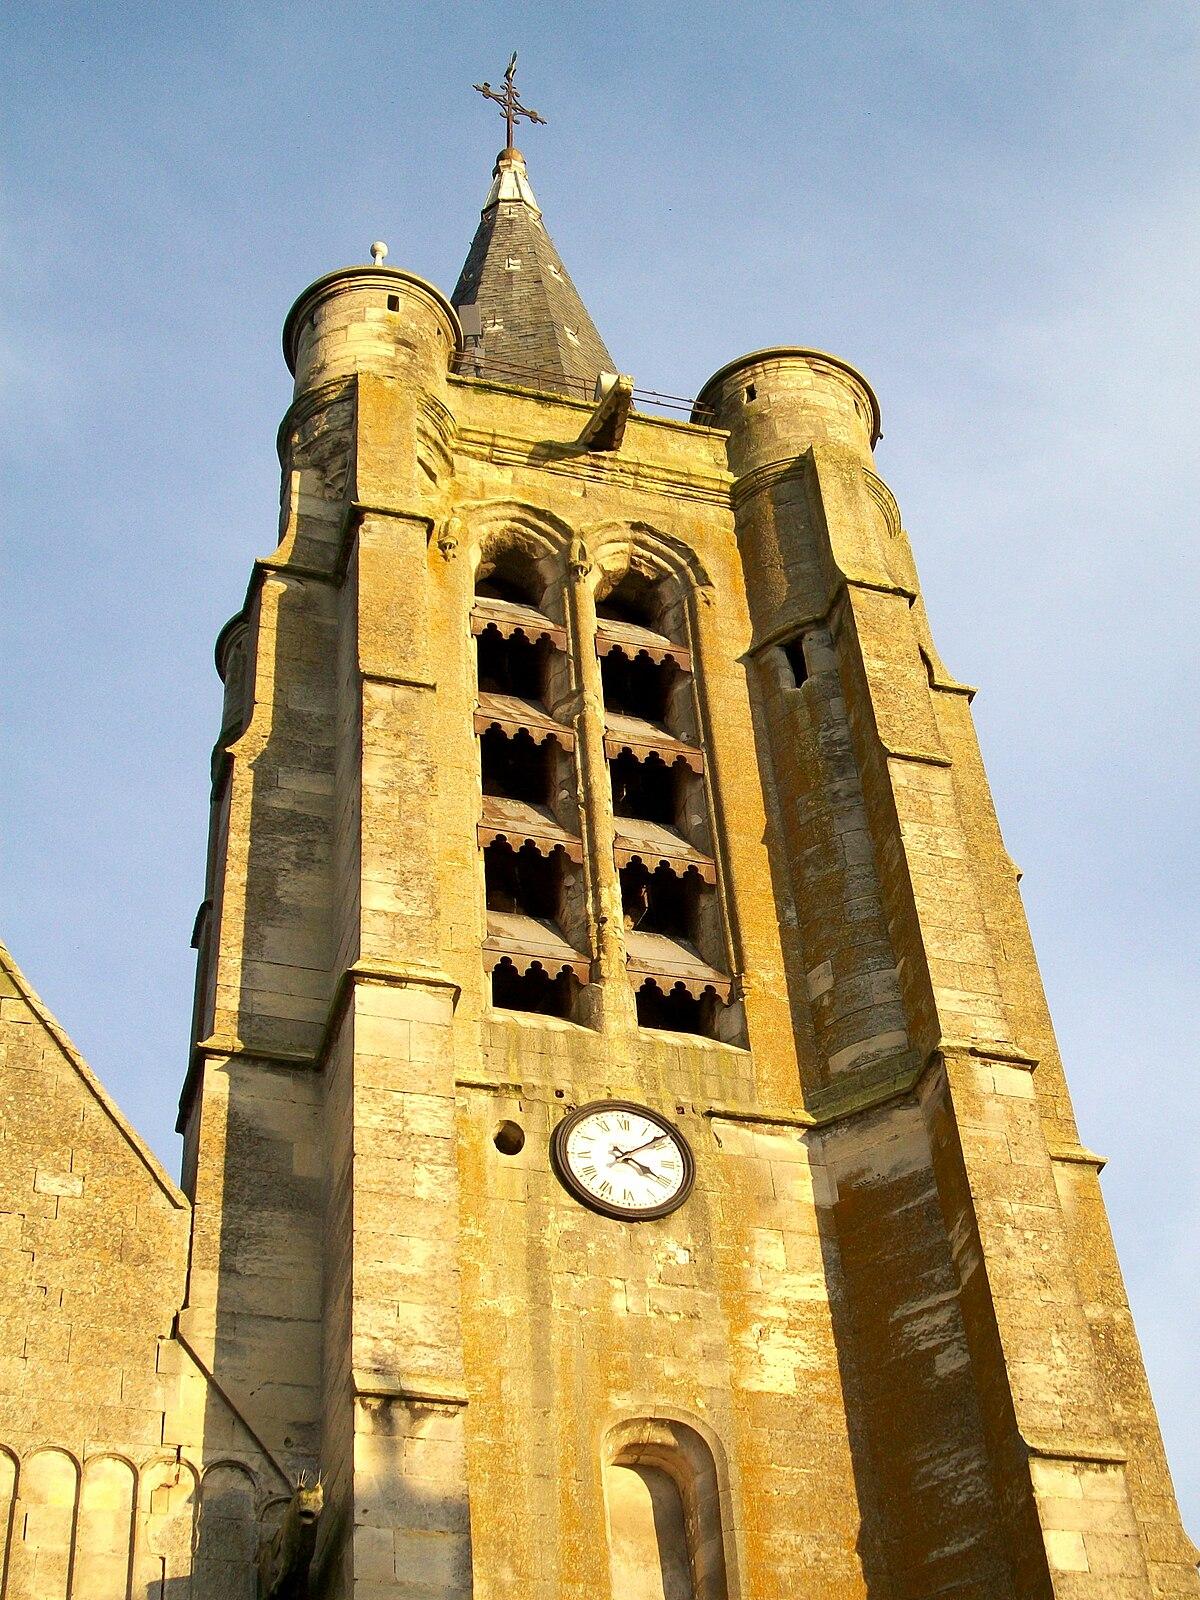 Narbonne Version 3 1: File:Survilliers (95), Clocher De L'église St-Martin.jpg